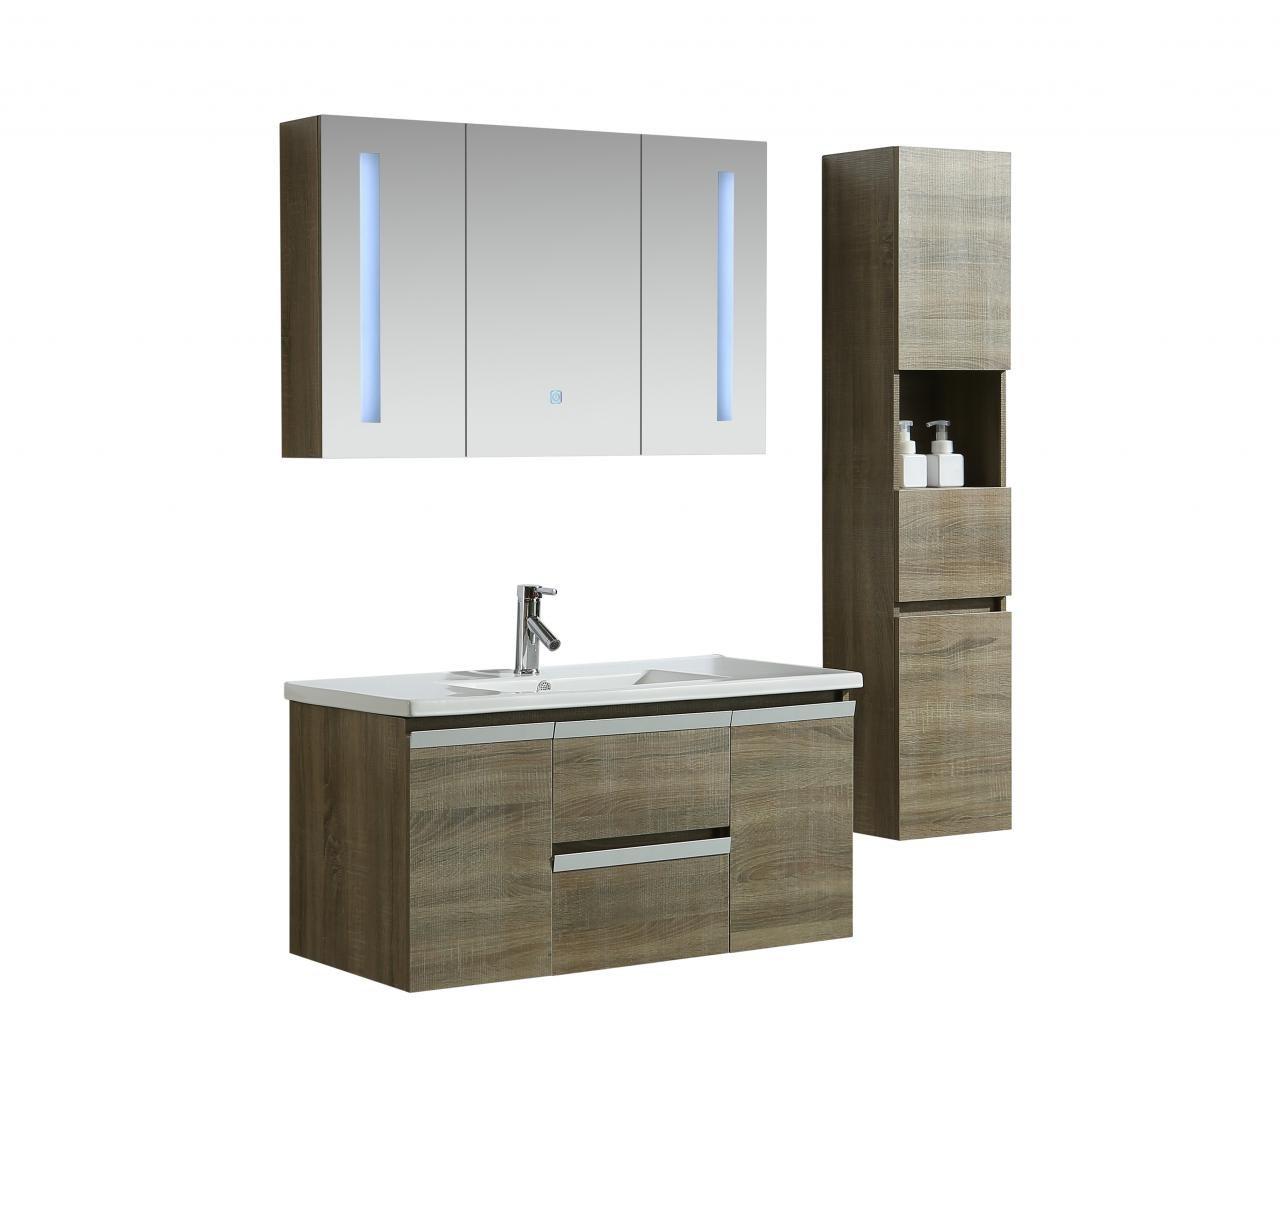 Mobile arredo bagno venice 100 cm spazioso colonna for Arredo bagno mestre